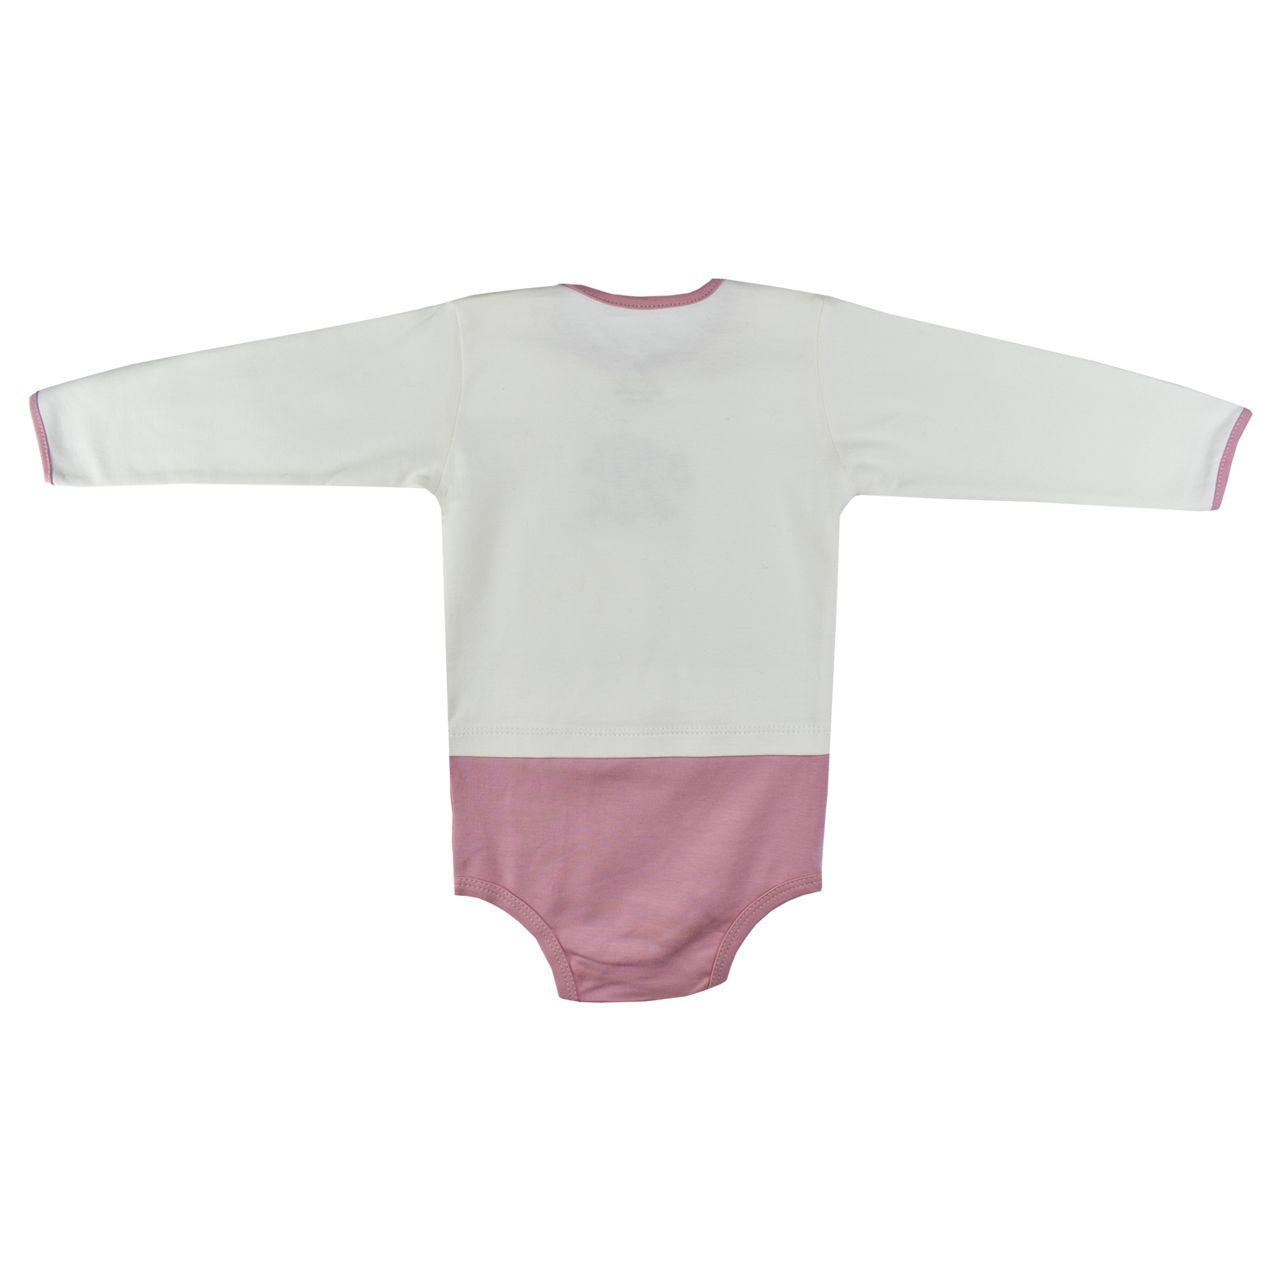 بادی نوزادی دخترانه نیروان طرح گل -  - 3